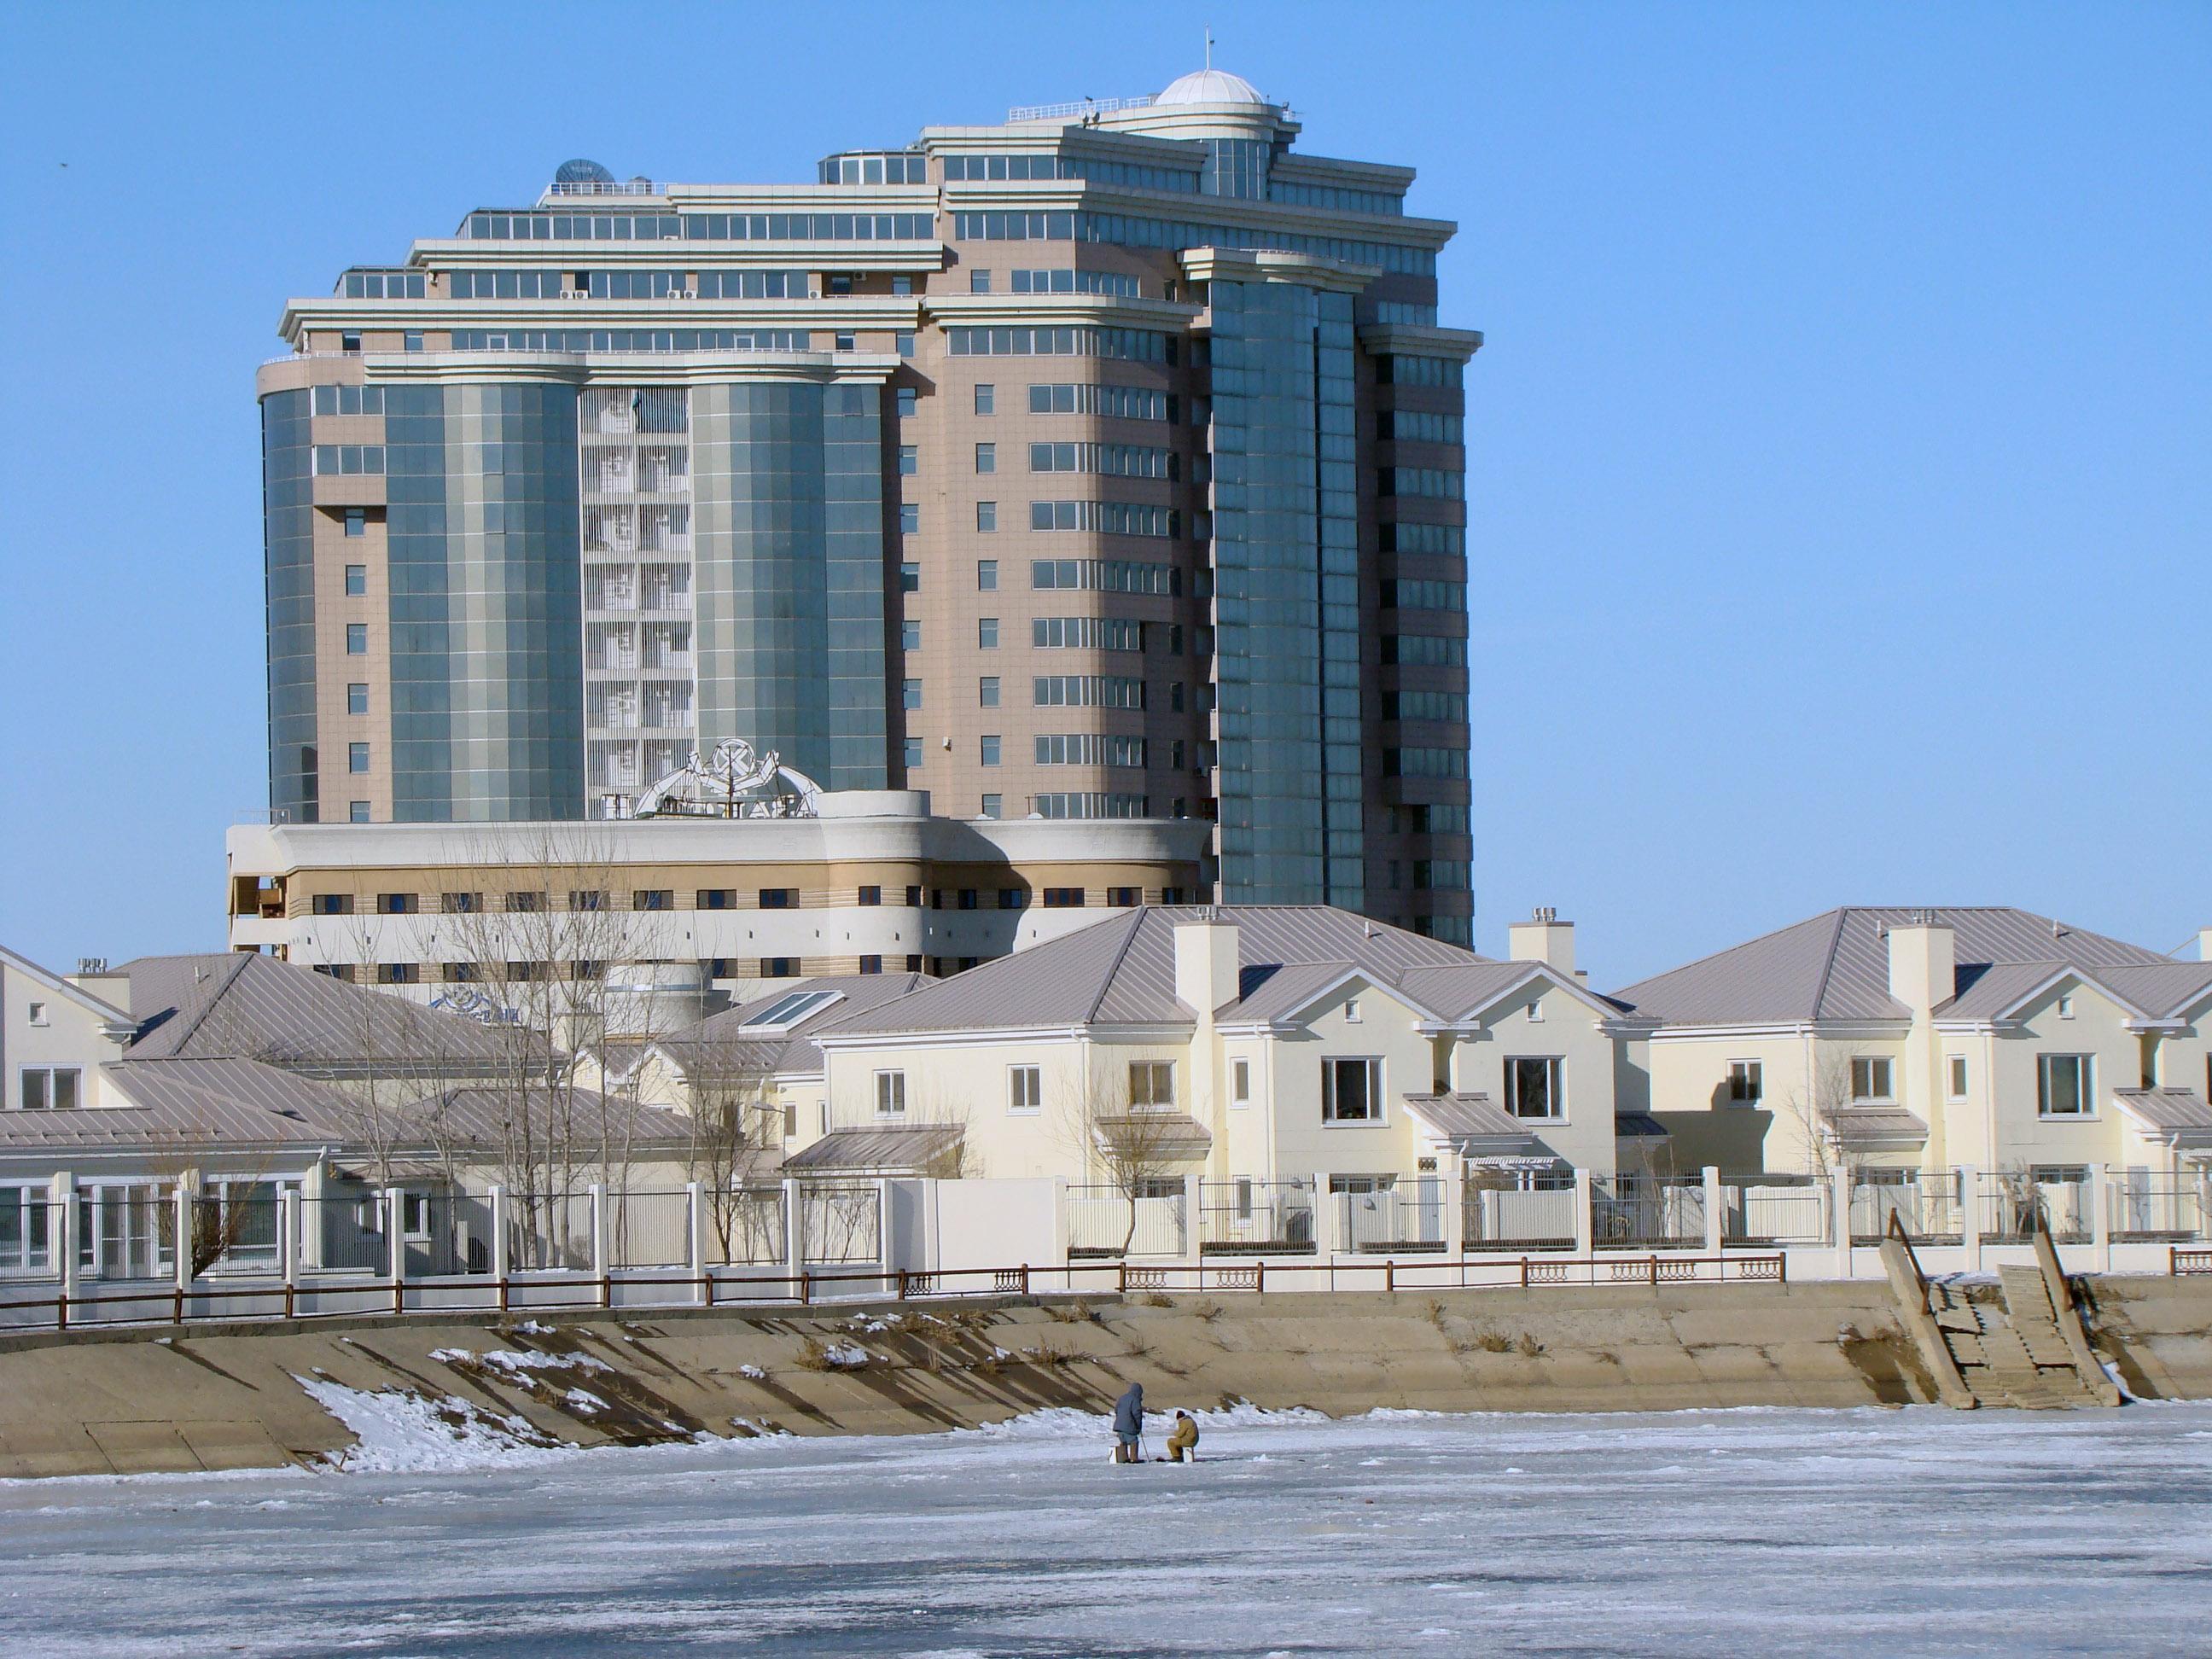 очко картинки города атырау в казахстане также считаются бюджетной